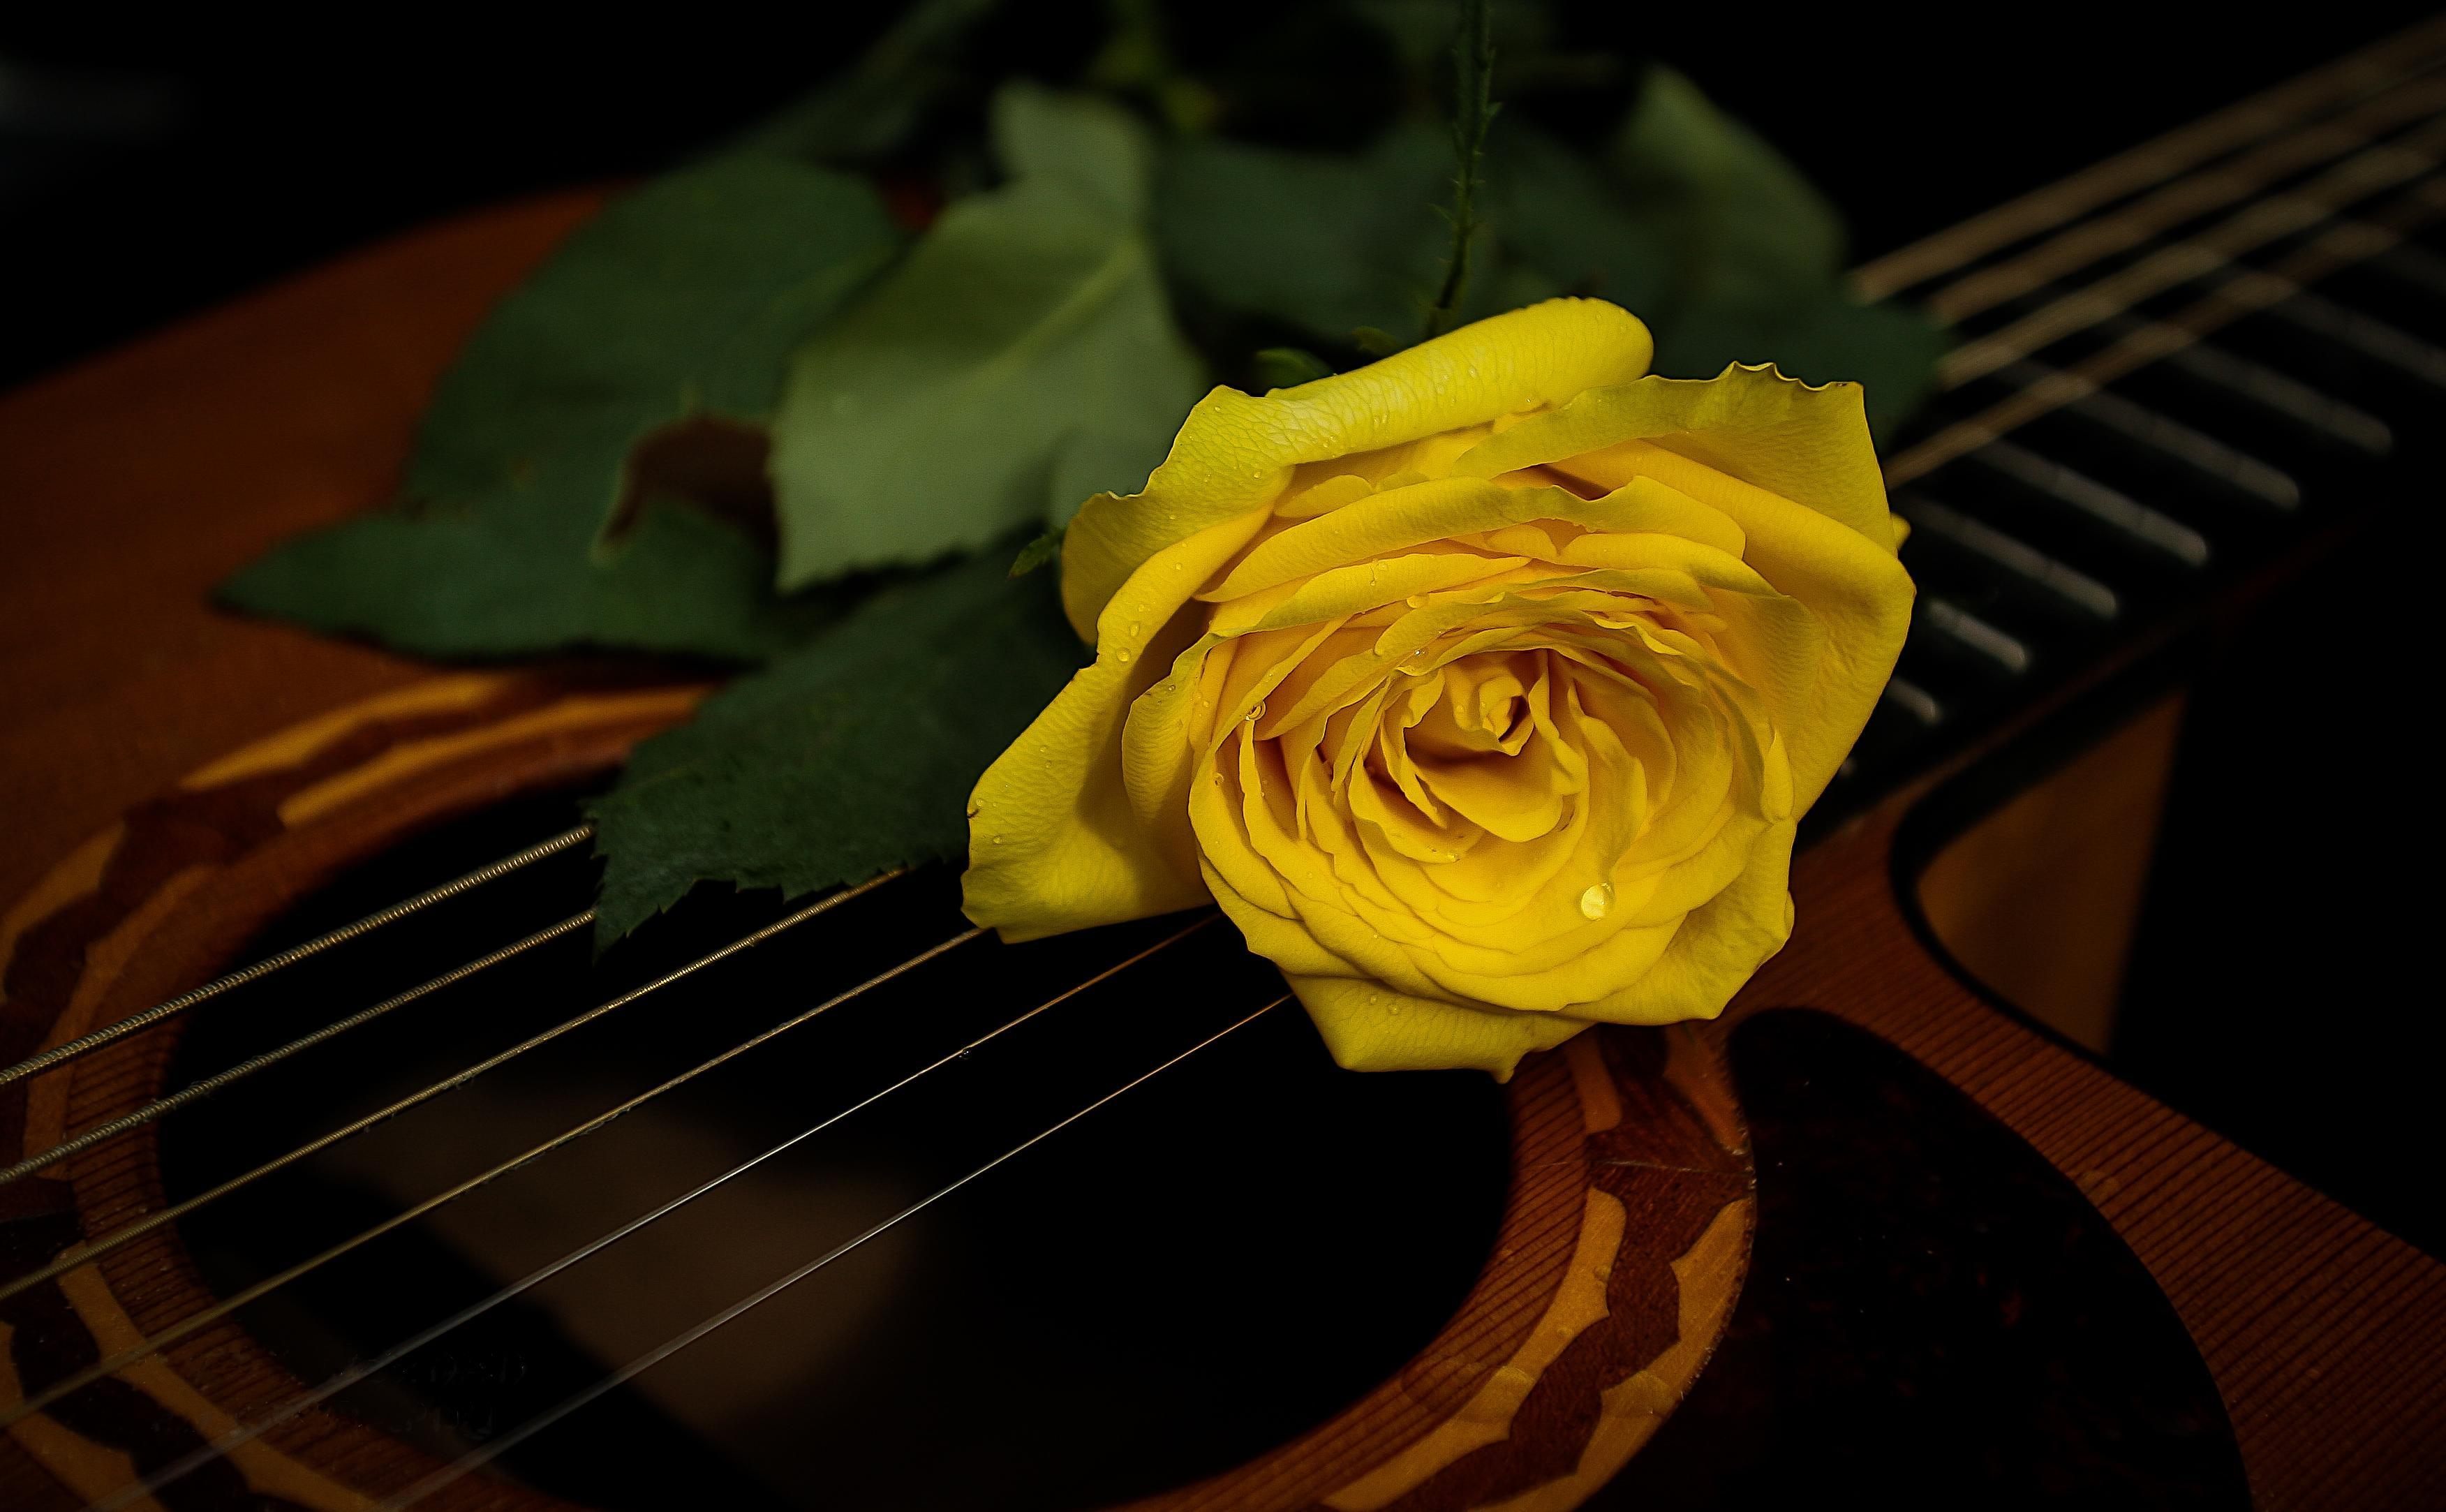 обои роза, цветок, флора, гитара картинки фото